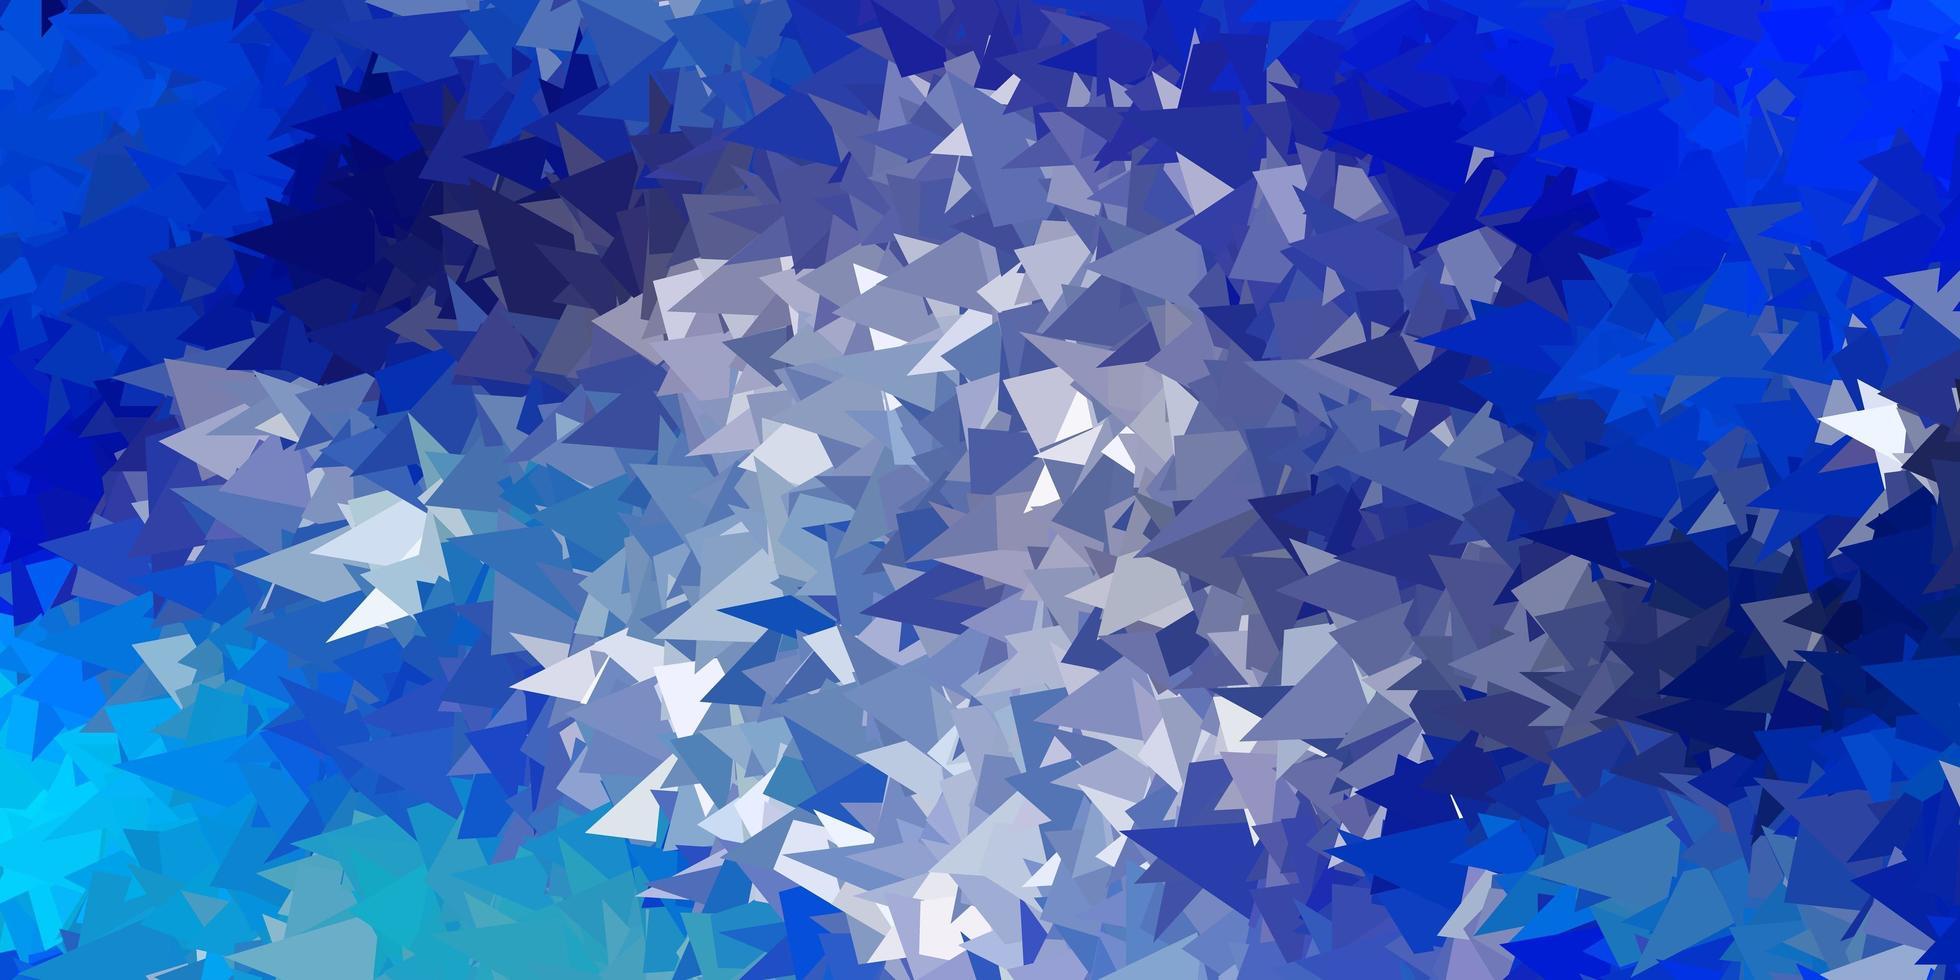 motif de triangle abstrait vecteur bleu clair.